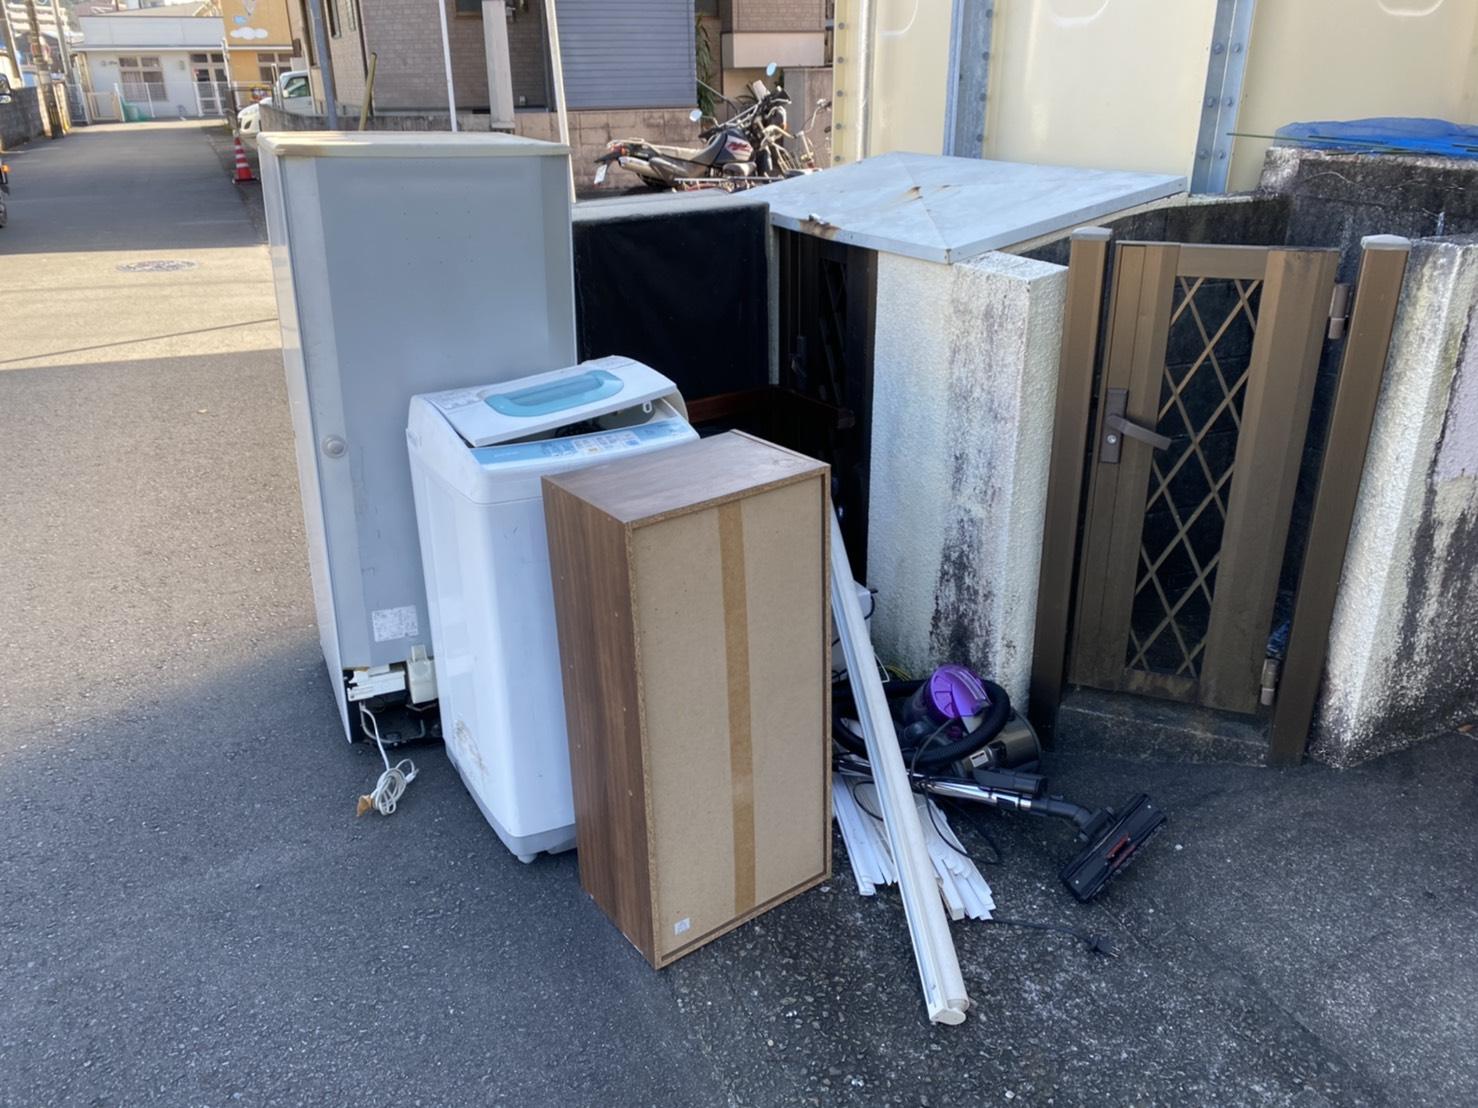 冷蔵庫、洗濯機、掃除機、カラーボックスの回収前